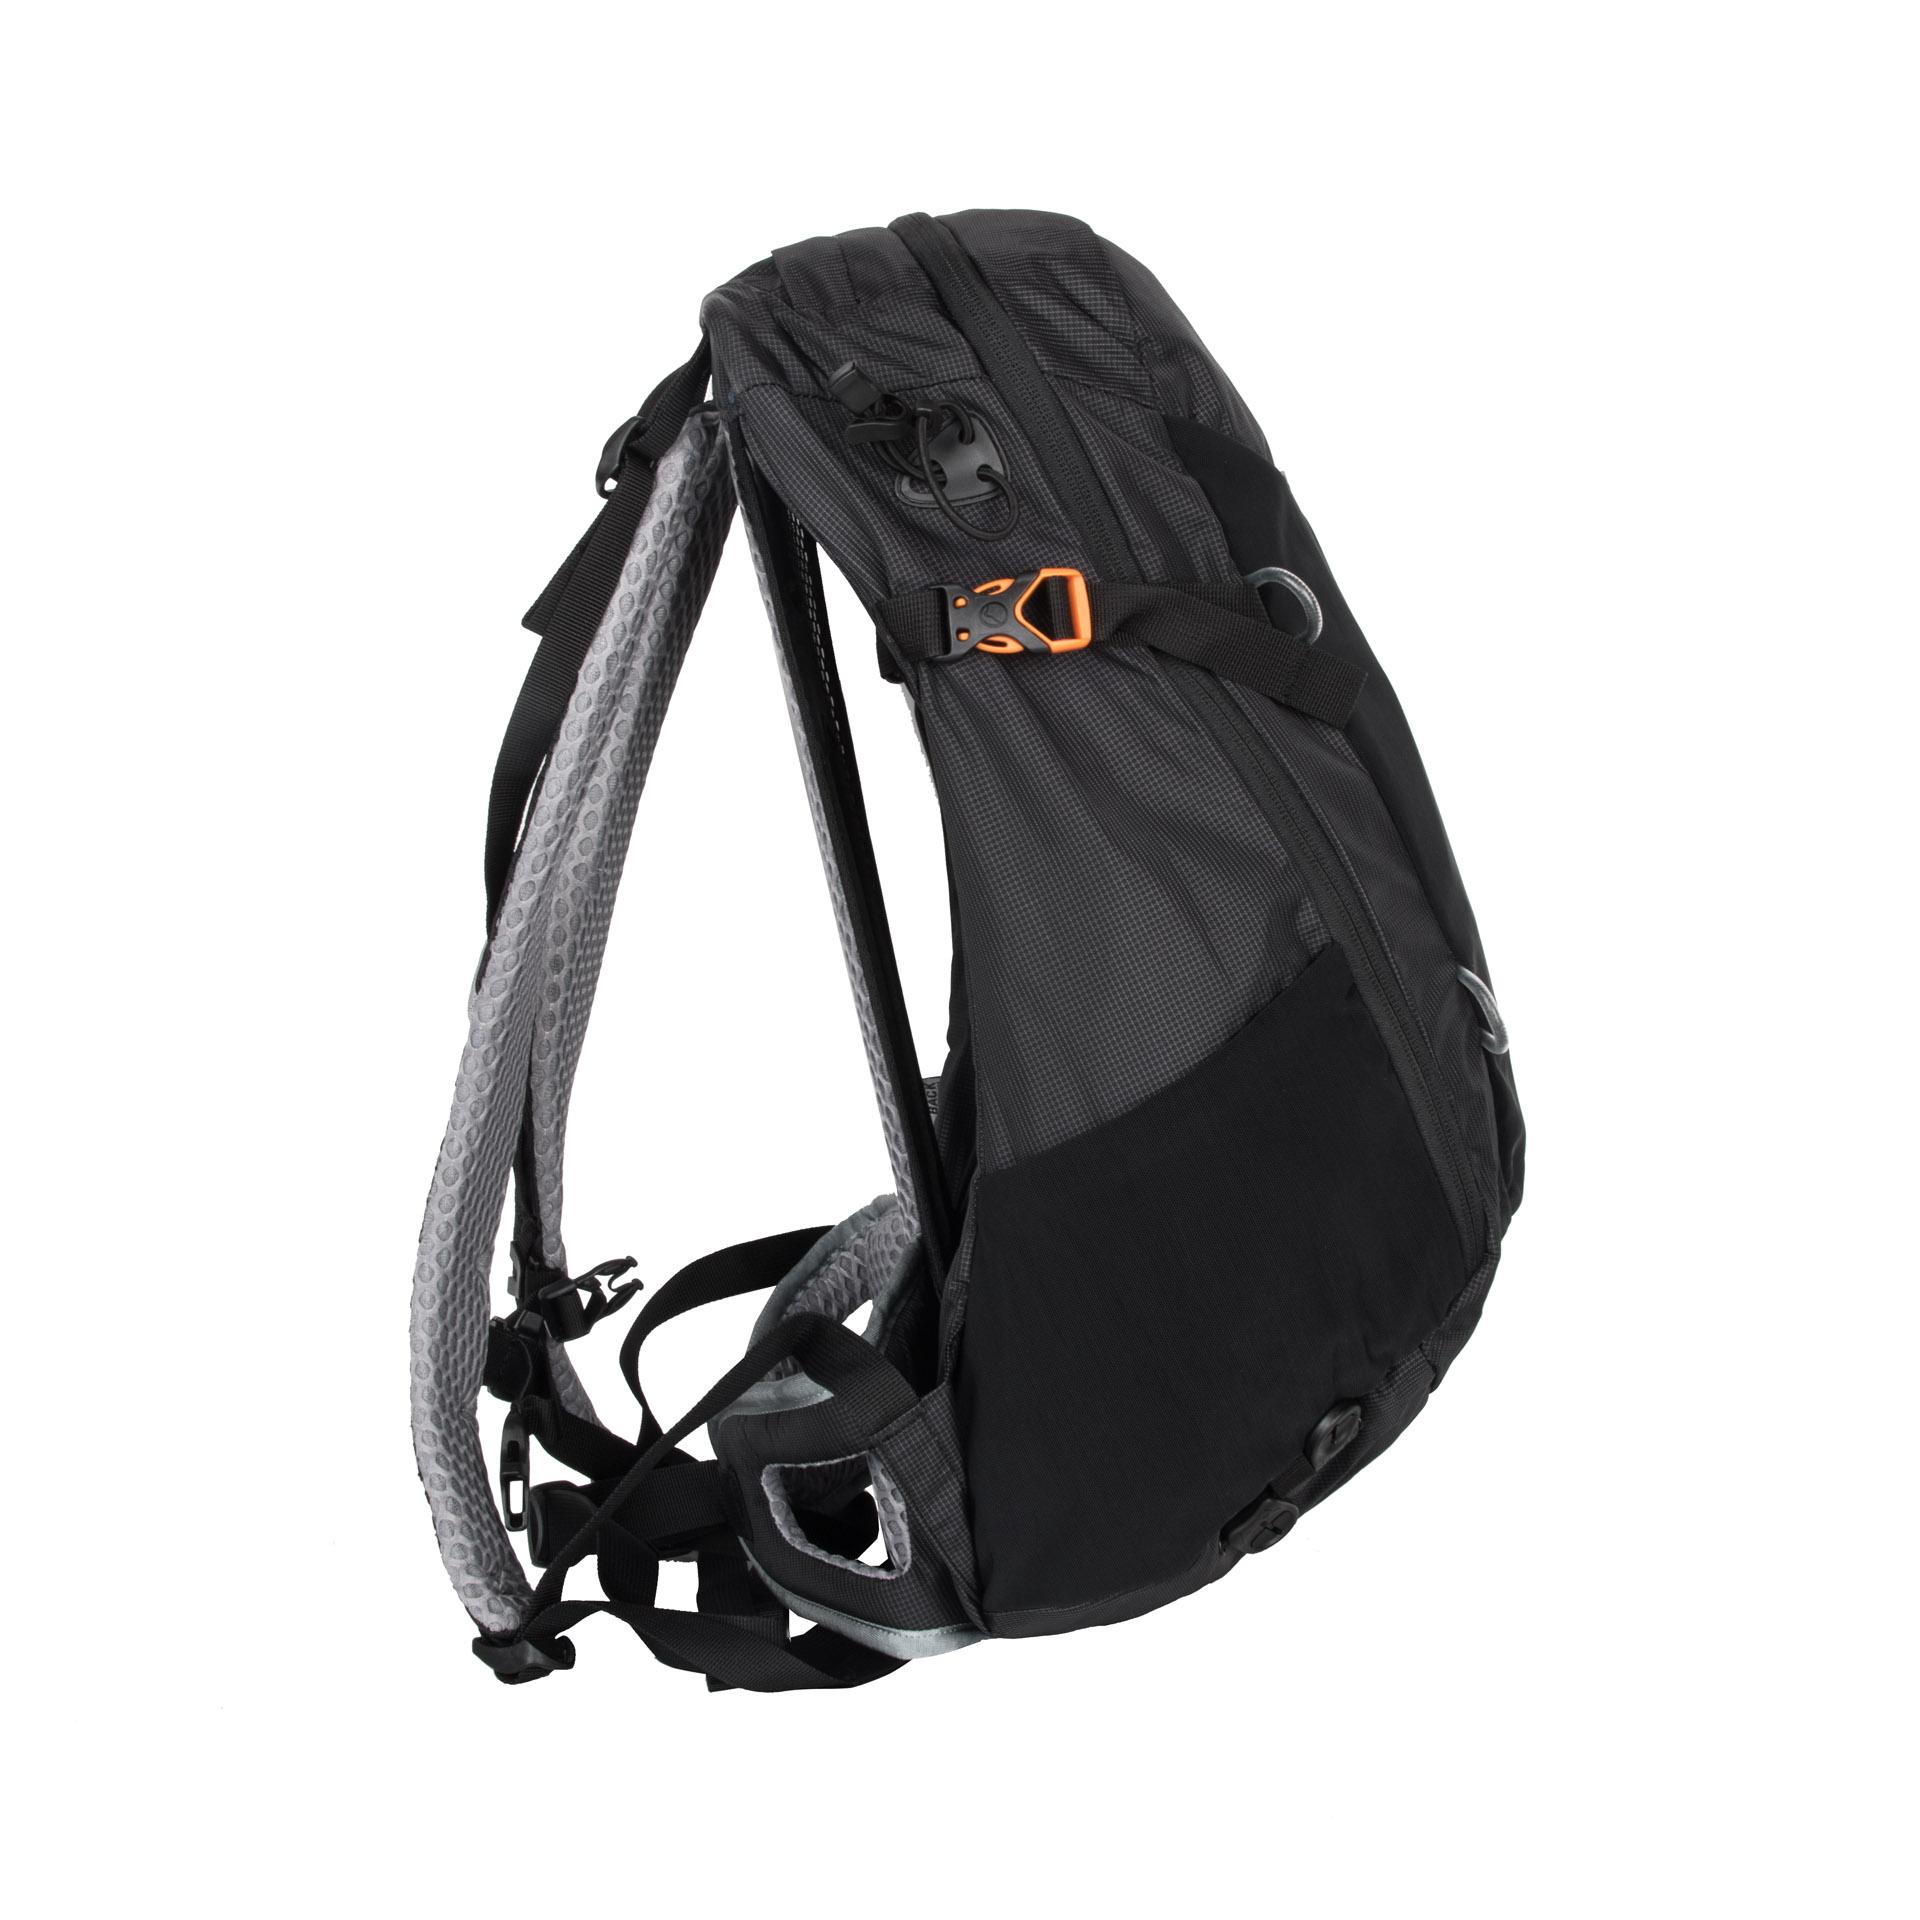 Lowe Alpine AirZone Z 25 Black AirZone Z25 je batoh vhodný pre každodenné užívanie, pohyb po meste, šport aj turistiku.